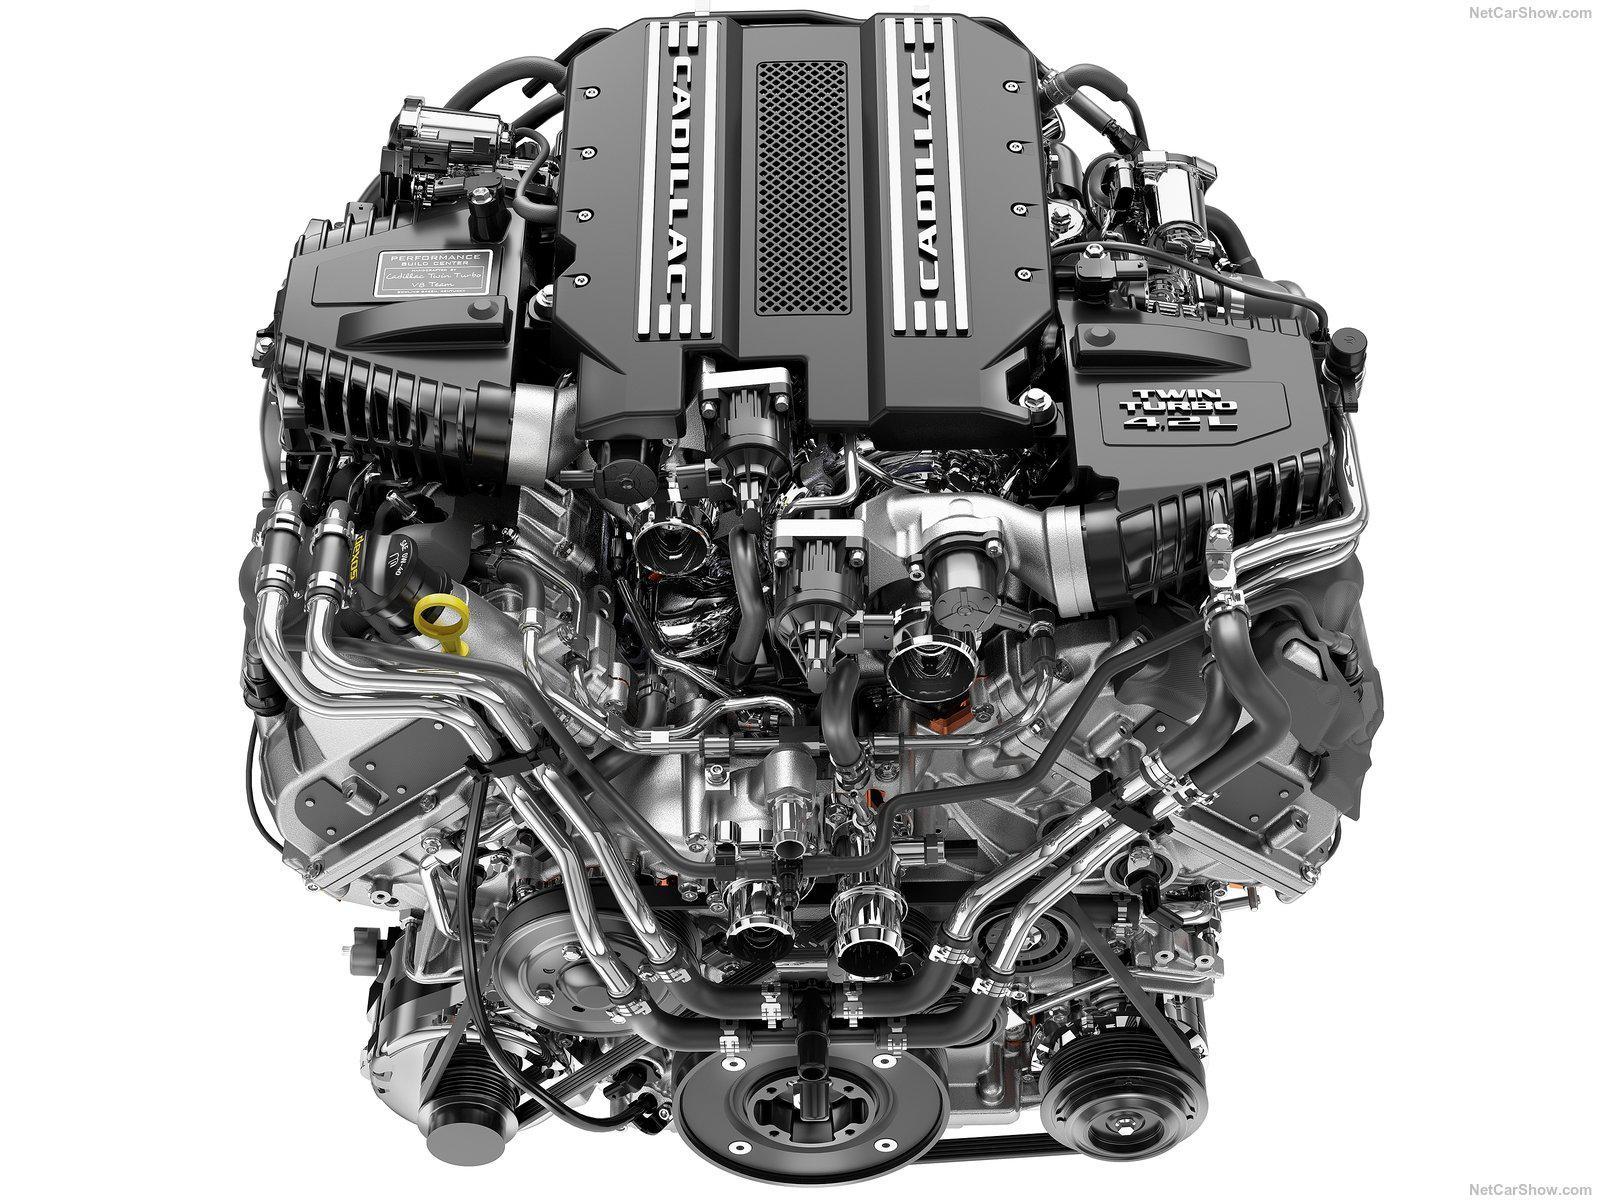 搭载4.2T发动机 CT6 V-Sport将于明年推出